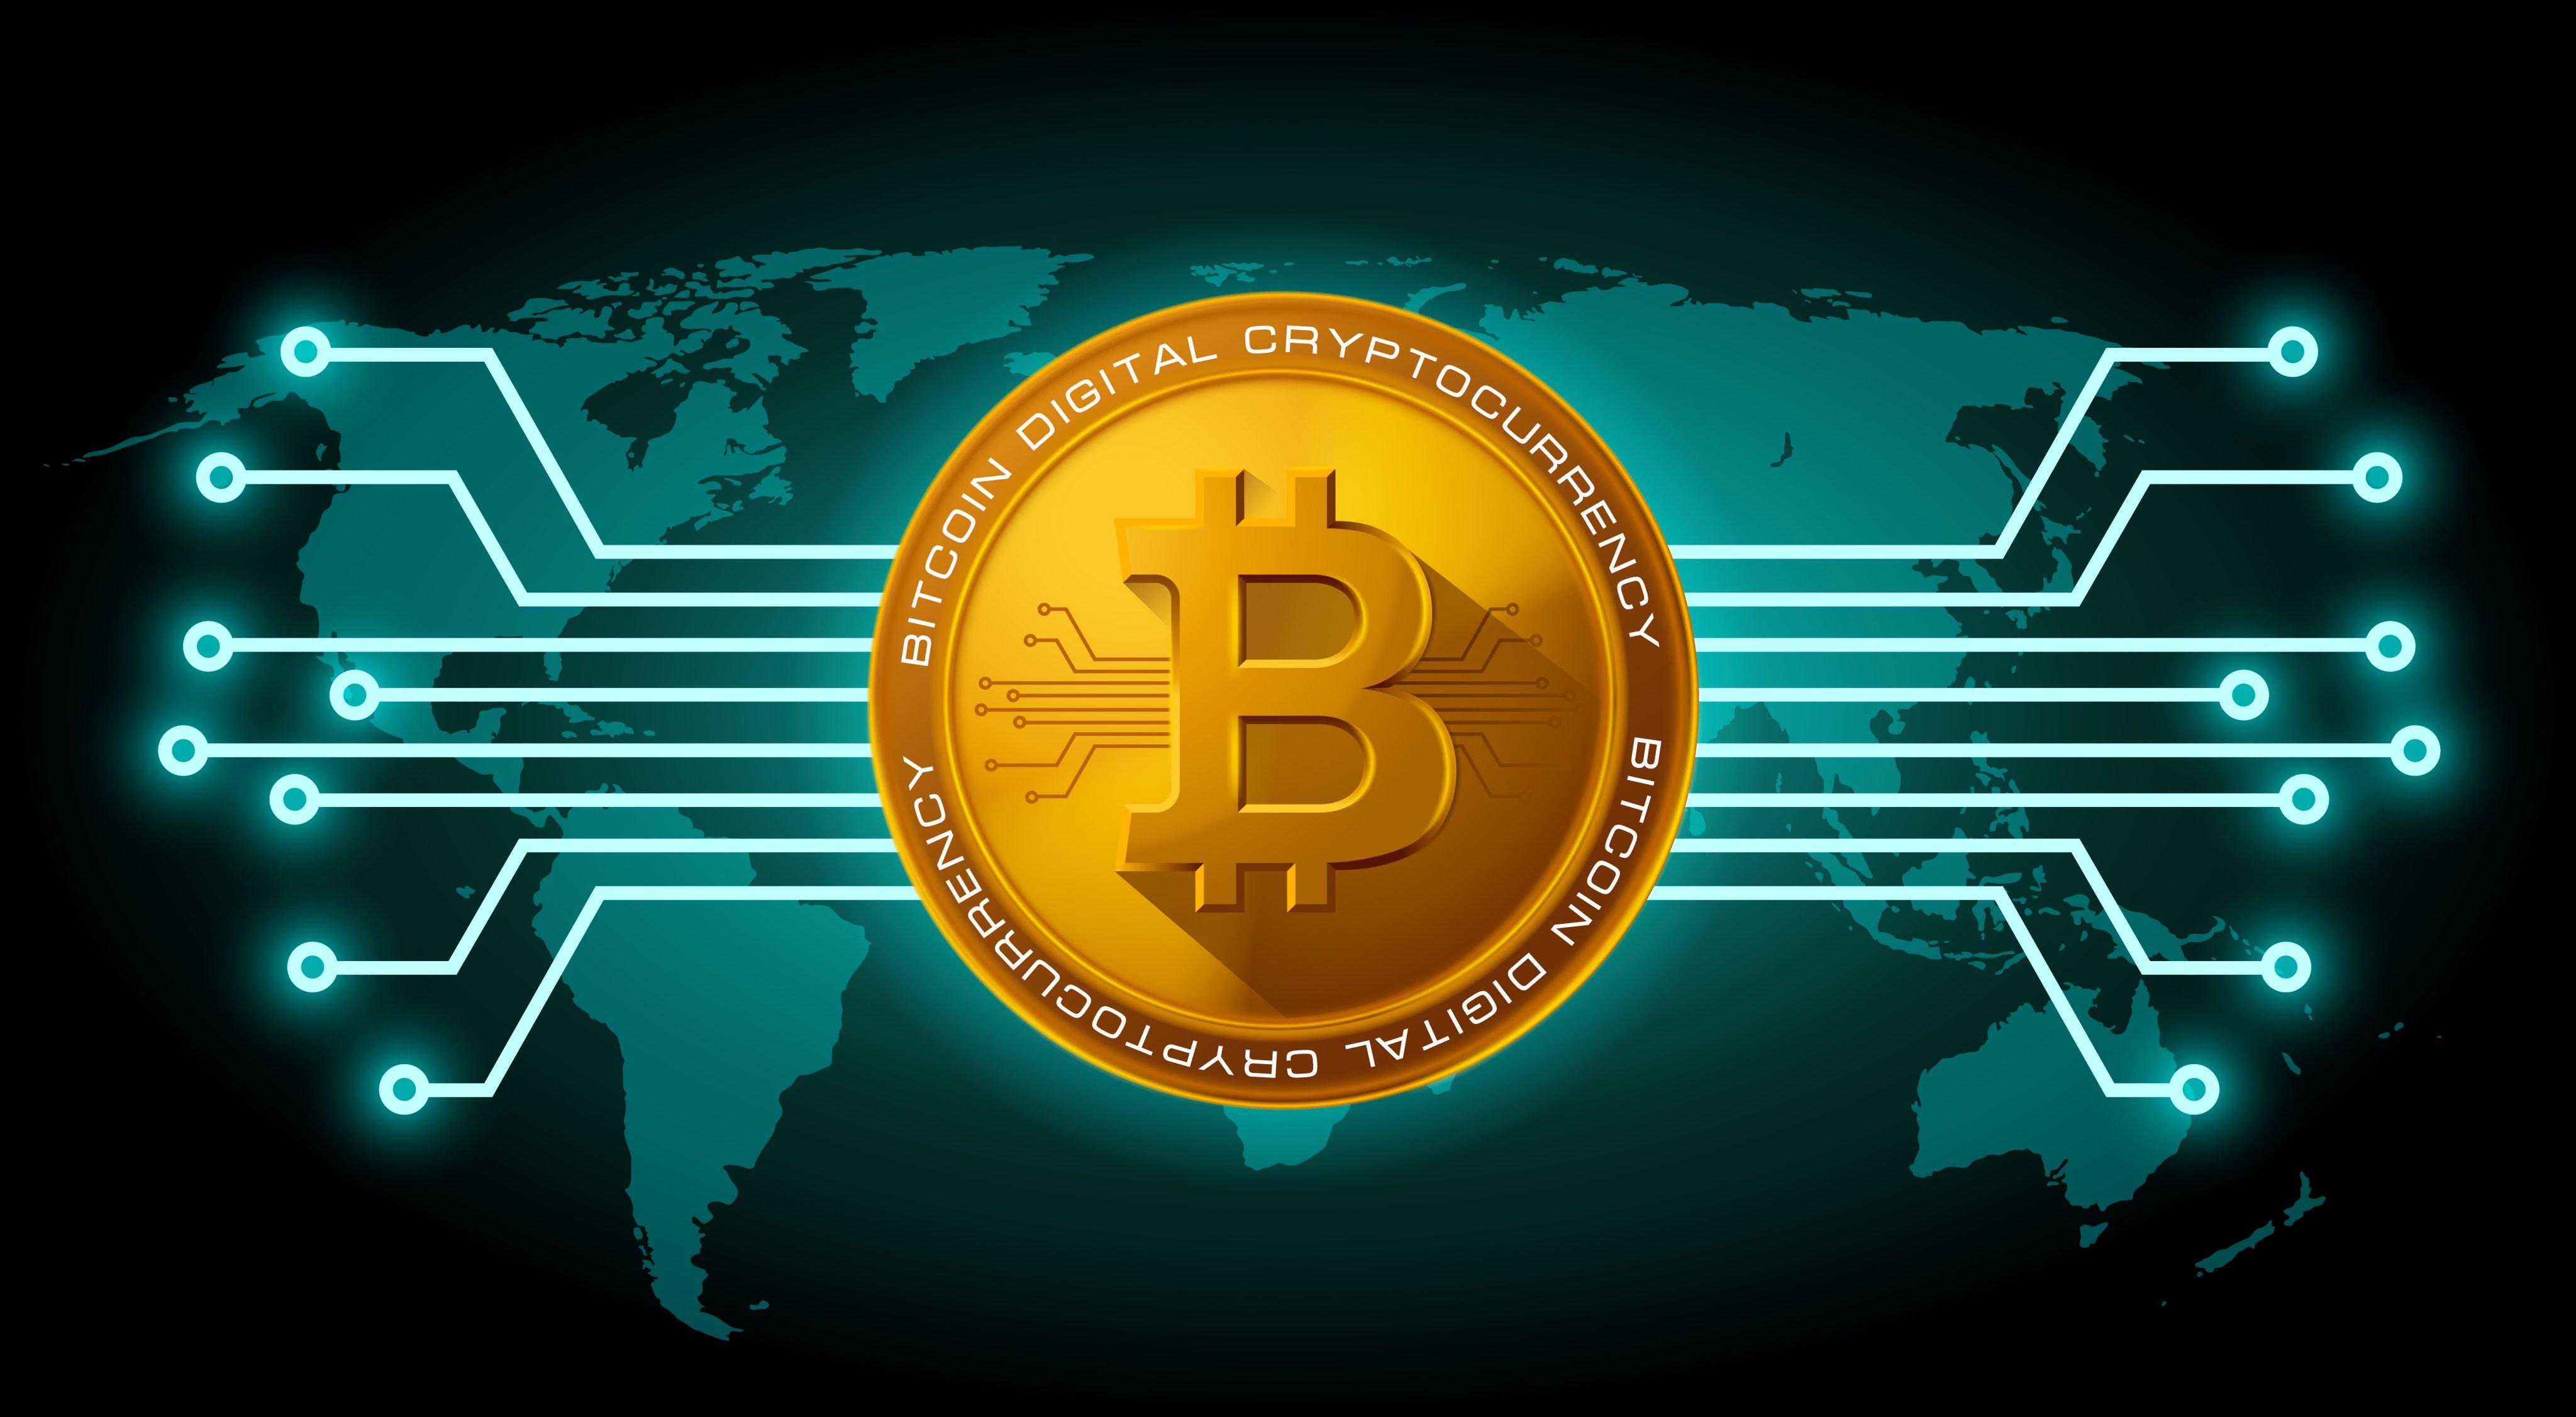 Inilah 8 Fakta yang Perlu Kamu Tahu Tentang Bitcoin